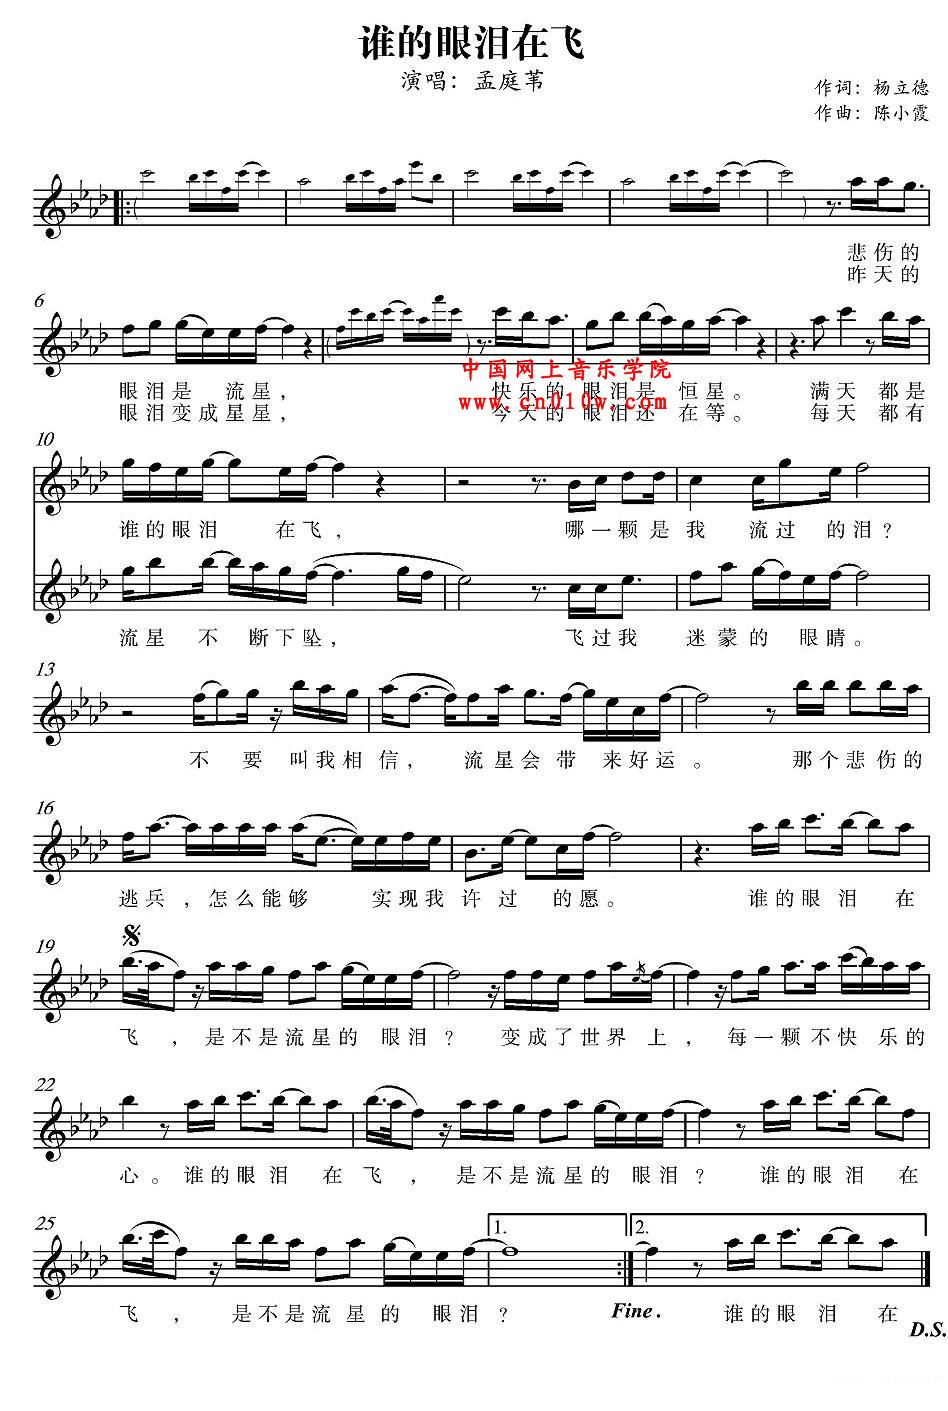 苏雅拉其其格演唱歌在飞的歌谱